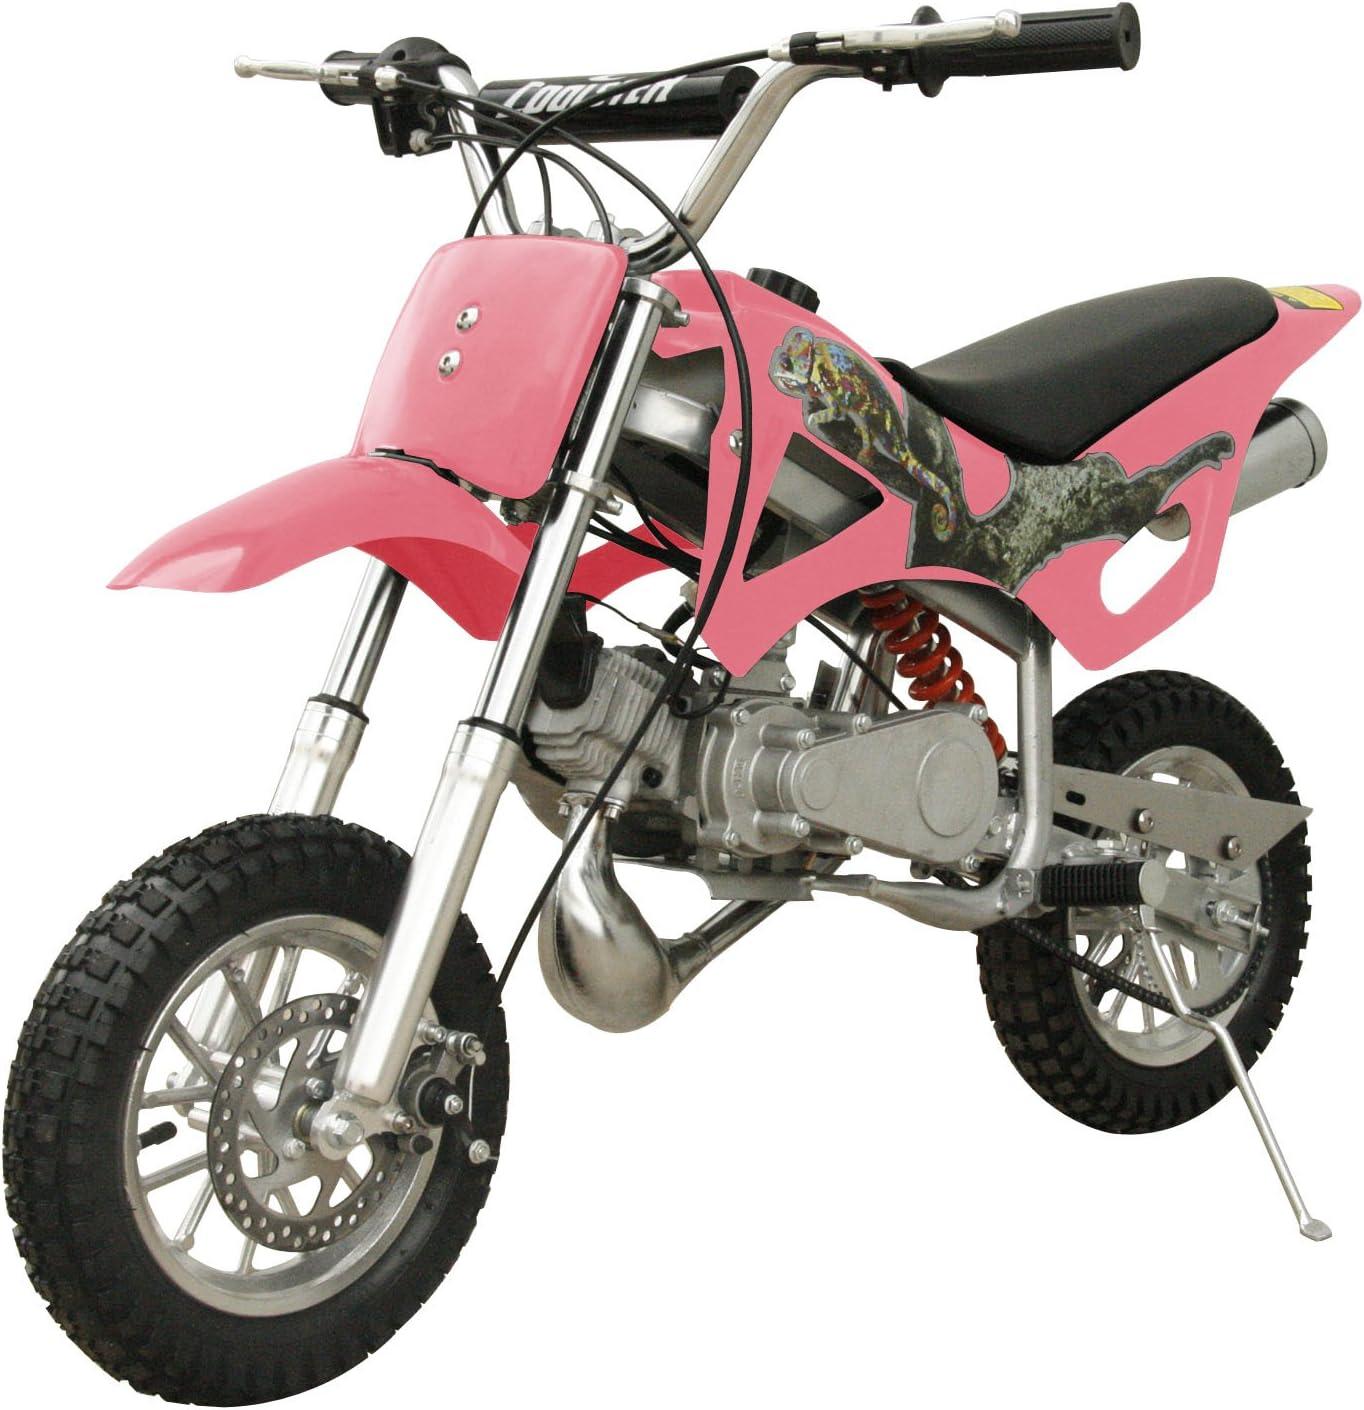 49cc 50cc 2-Stroke Gas Motorized Mini Dirt Pit Bike